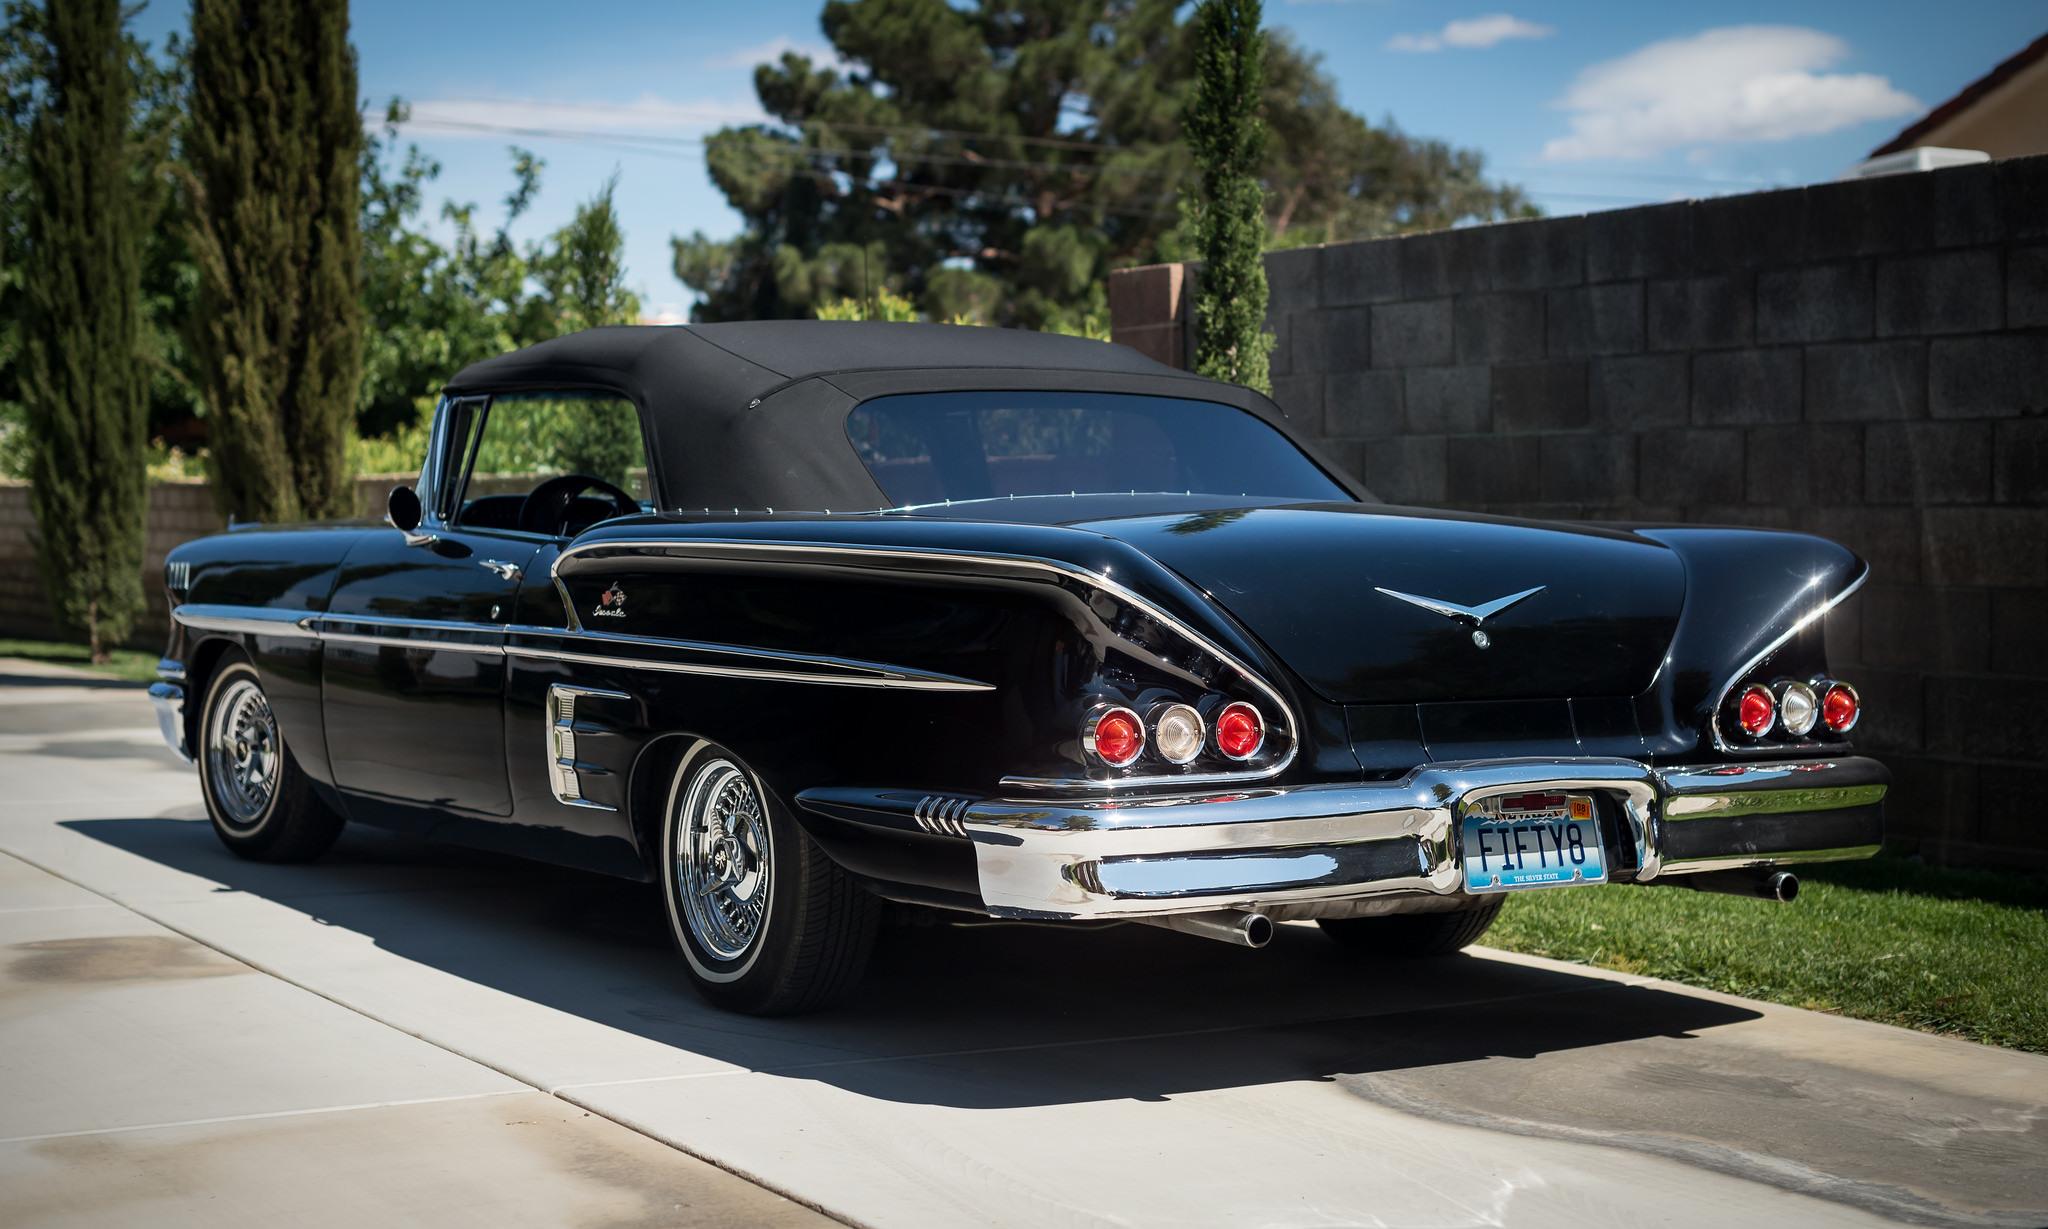 Masaüstü Siyah Araba Araç Arkadan Görünüm Cabrio Chevy